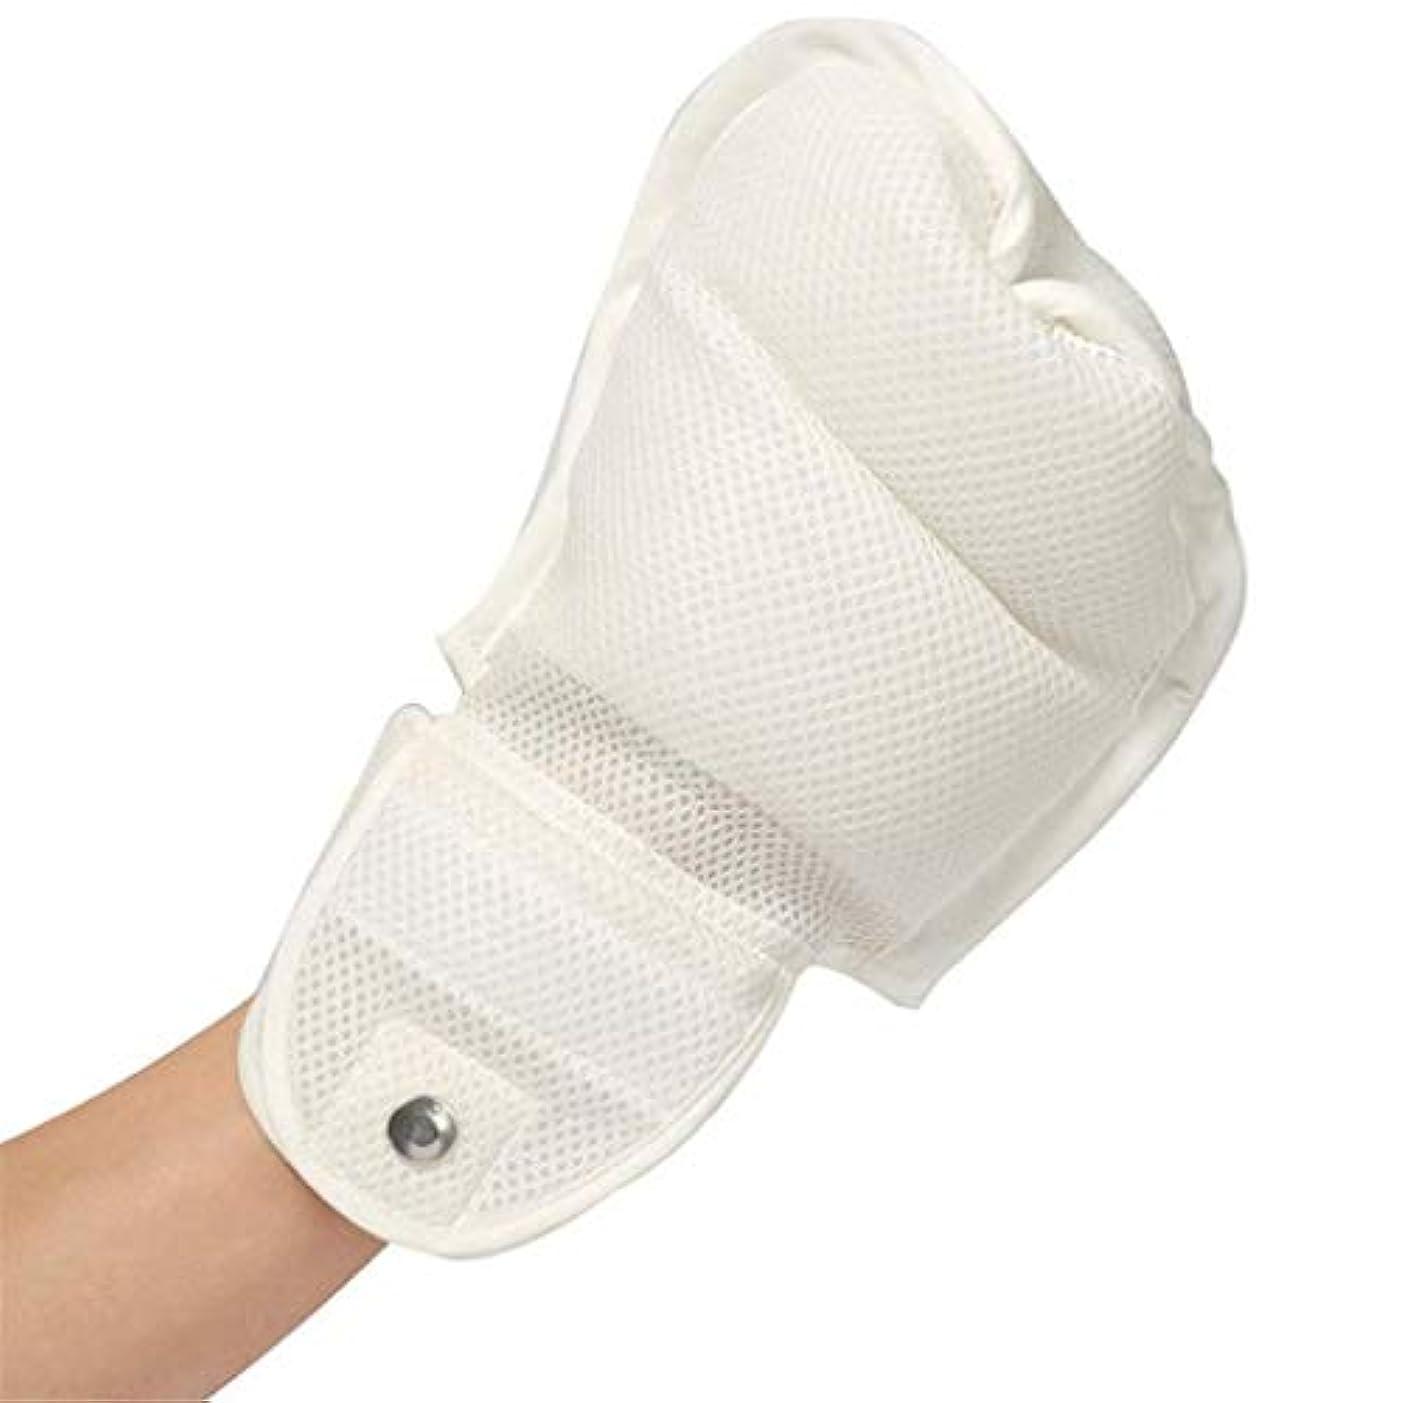 バレーボール雇った割り当てますフィンガーコントロールミット、認知症手袋安全手袋 - 患者用手感染プロテクター自己害を防ぐためのパッド入りミット